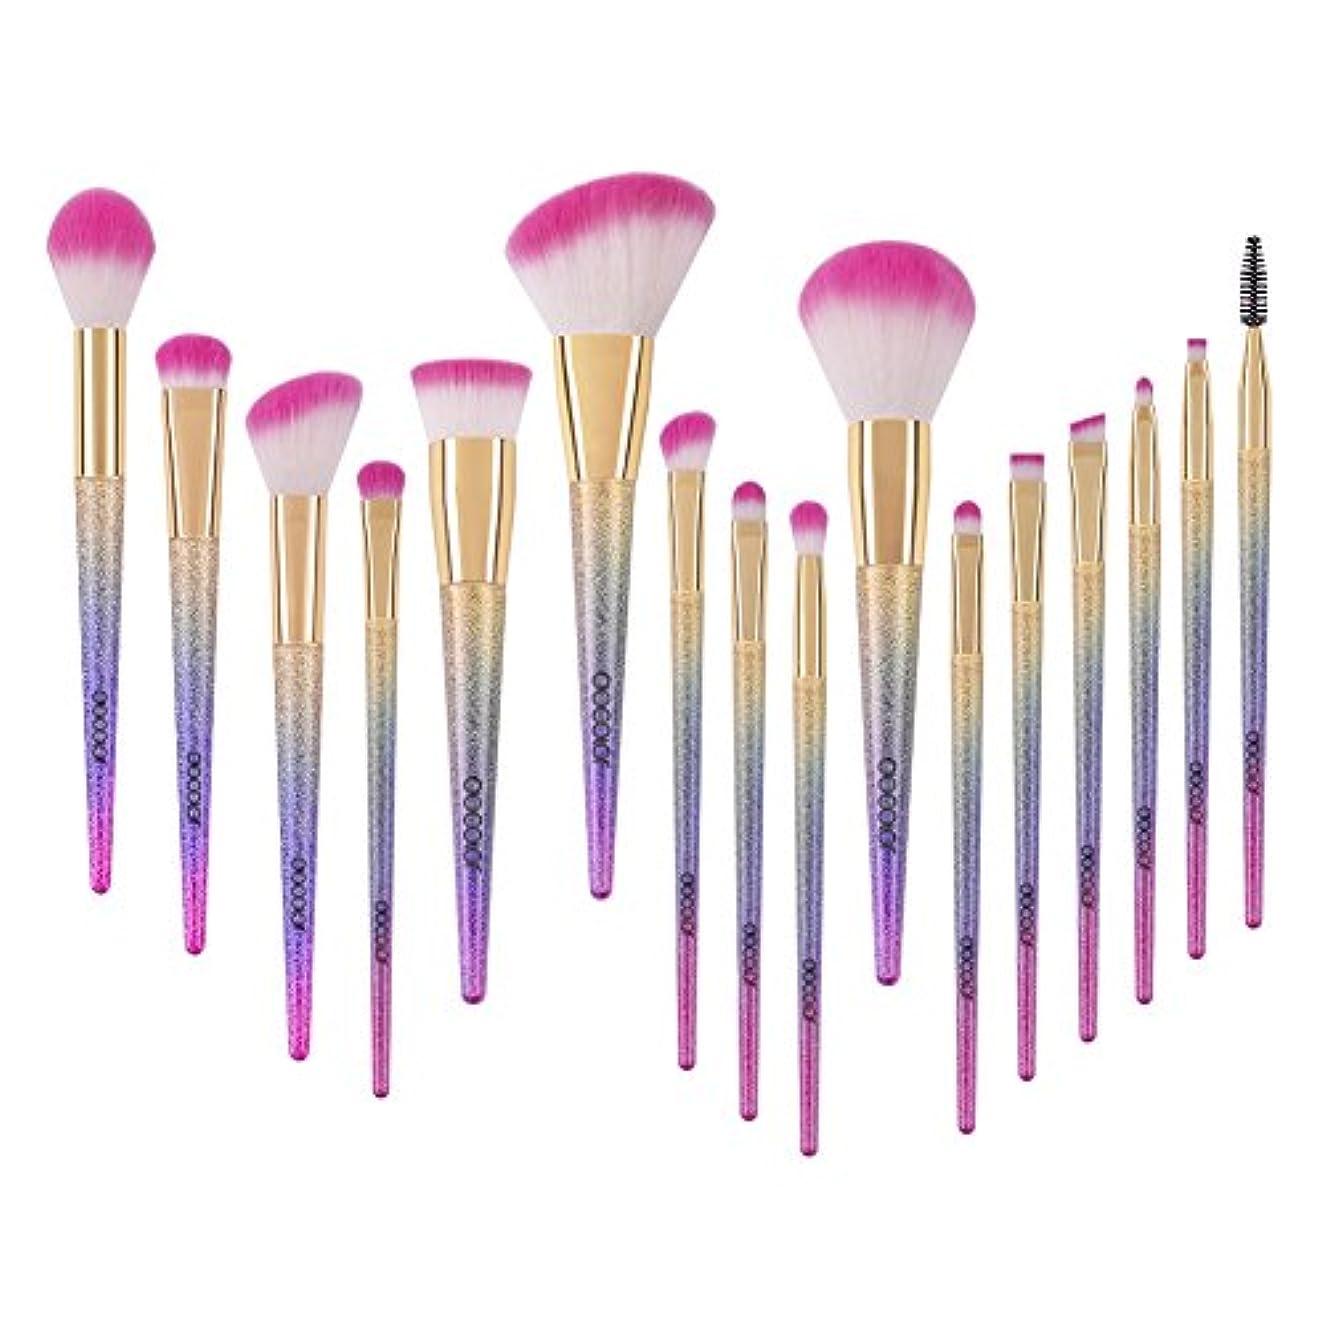 特異な苦難ペースDocolor ドゥカラー 化粧筆 メイクブラシ 16本セット 欧米で大ブーム中のレインボーブラシ